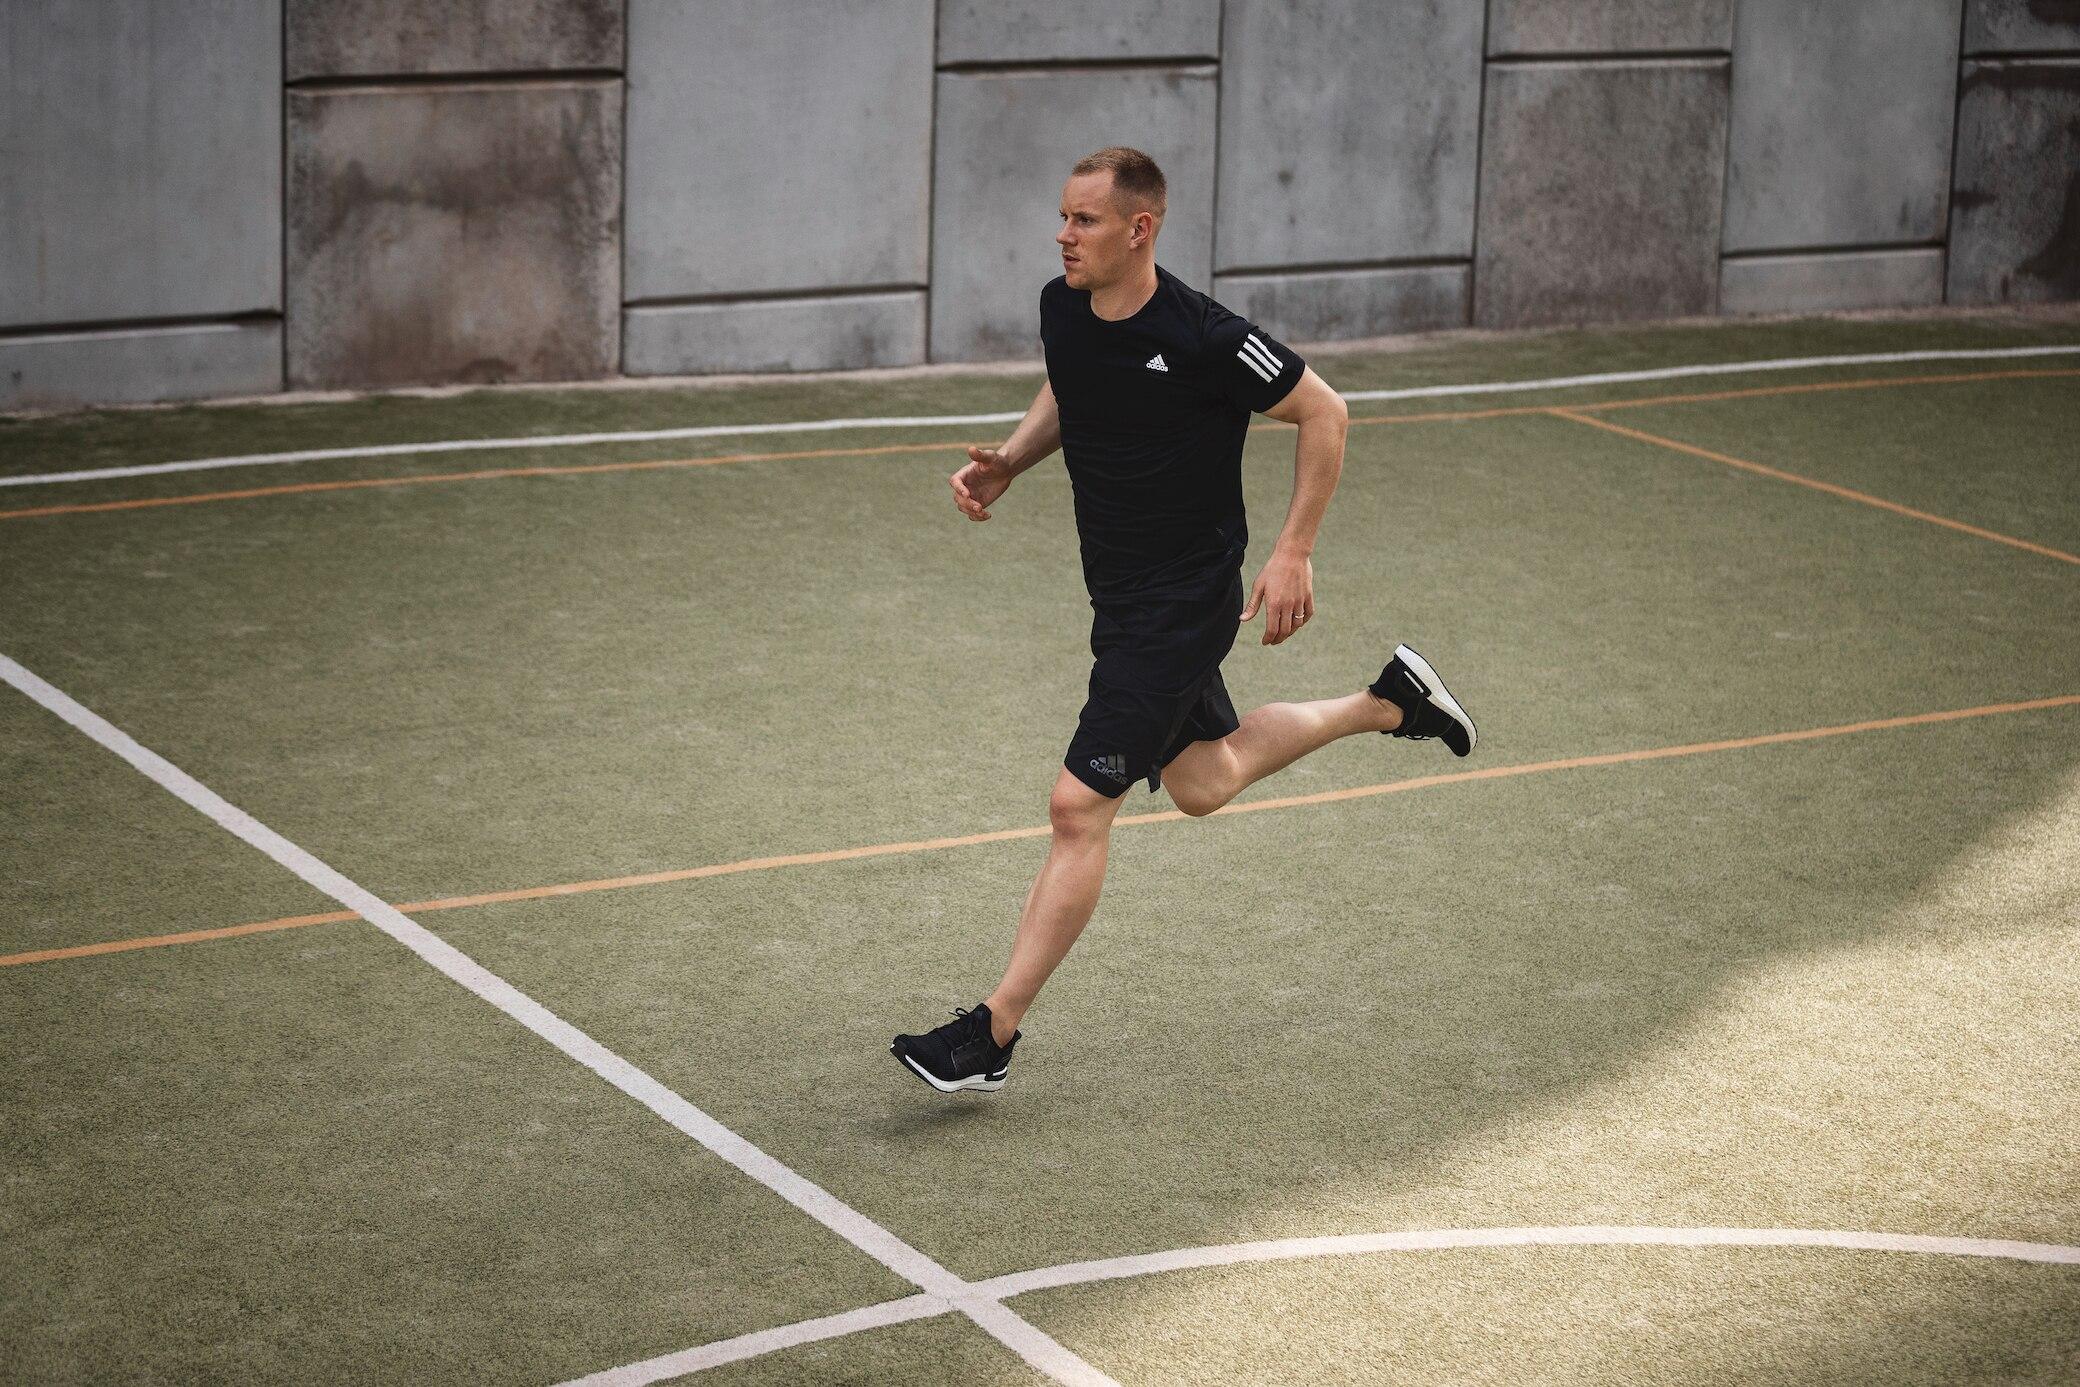 Marc-André ter Stegen sprintet